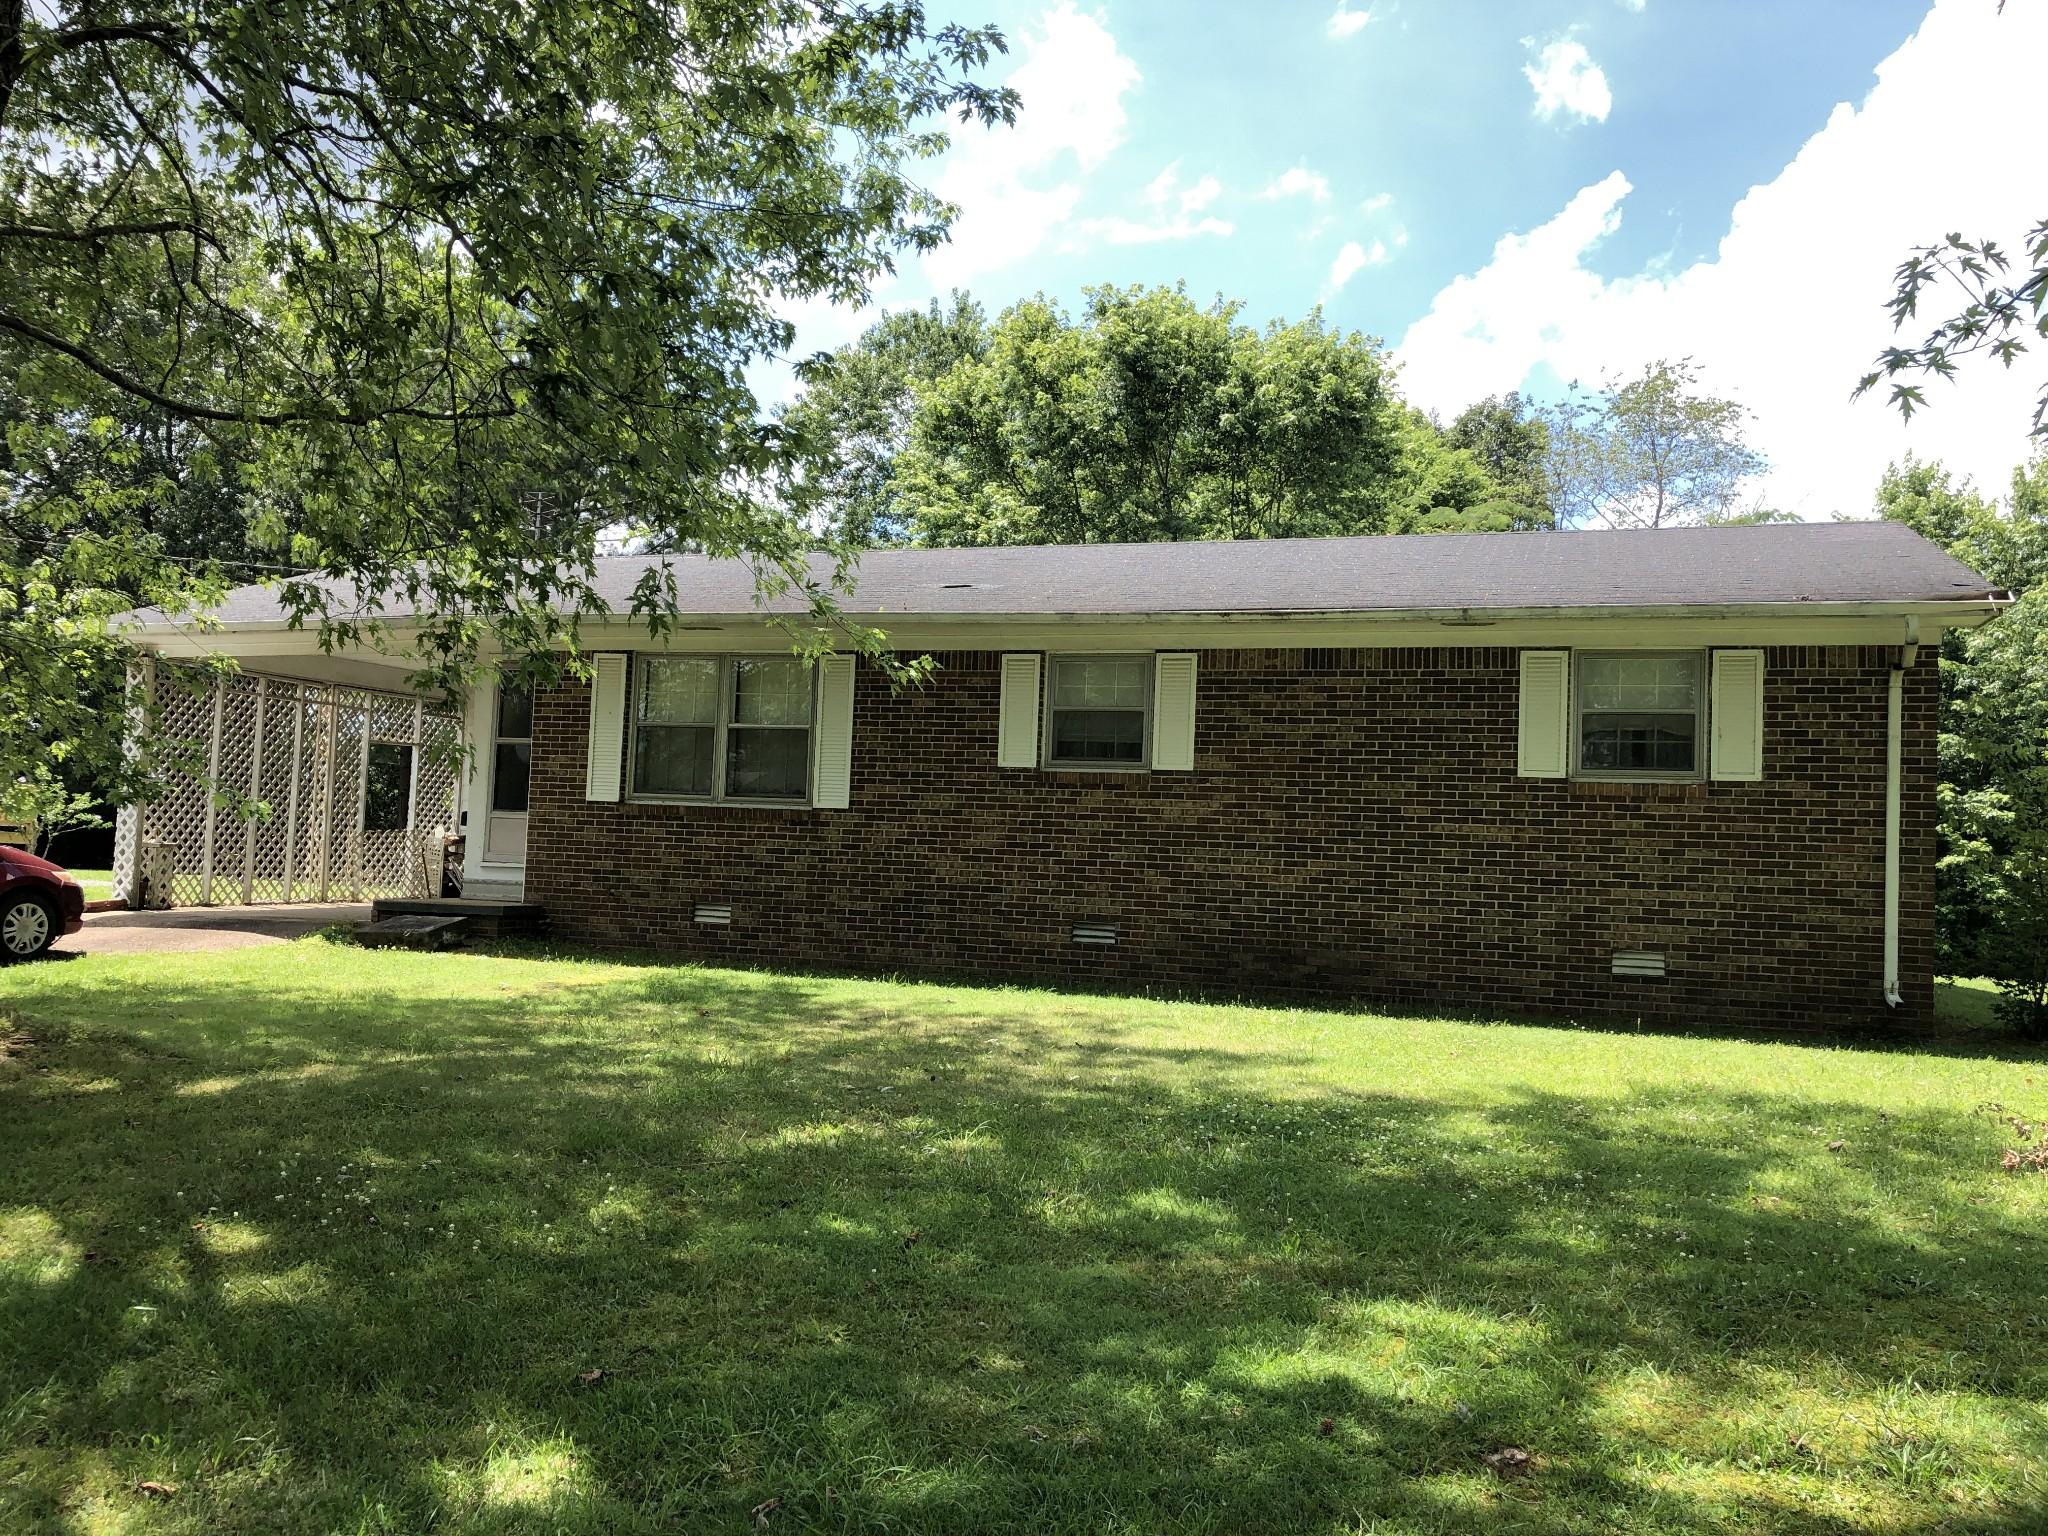 613 Brenda Ave Property Photo - Loretto, TN real estate listing